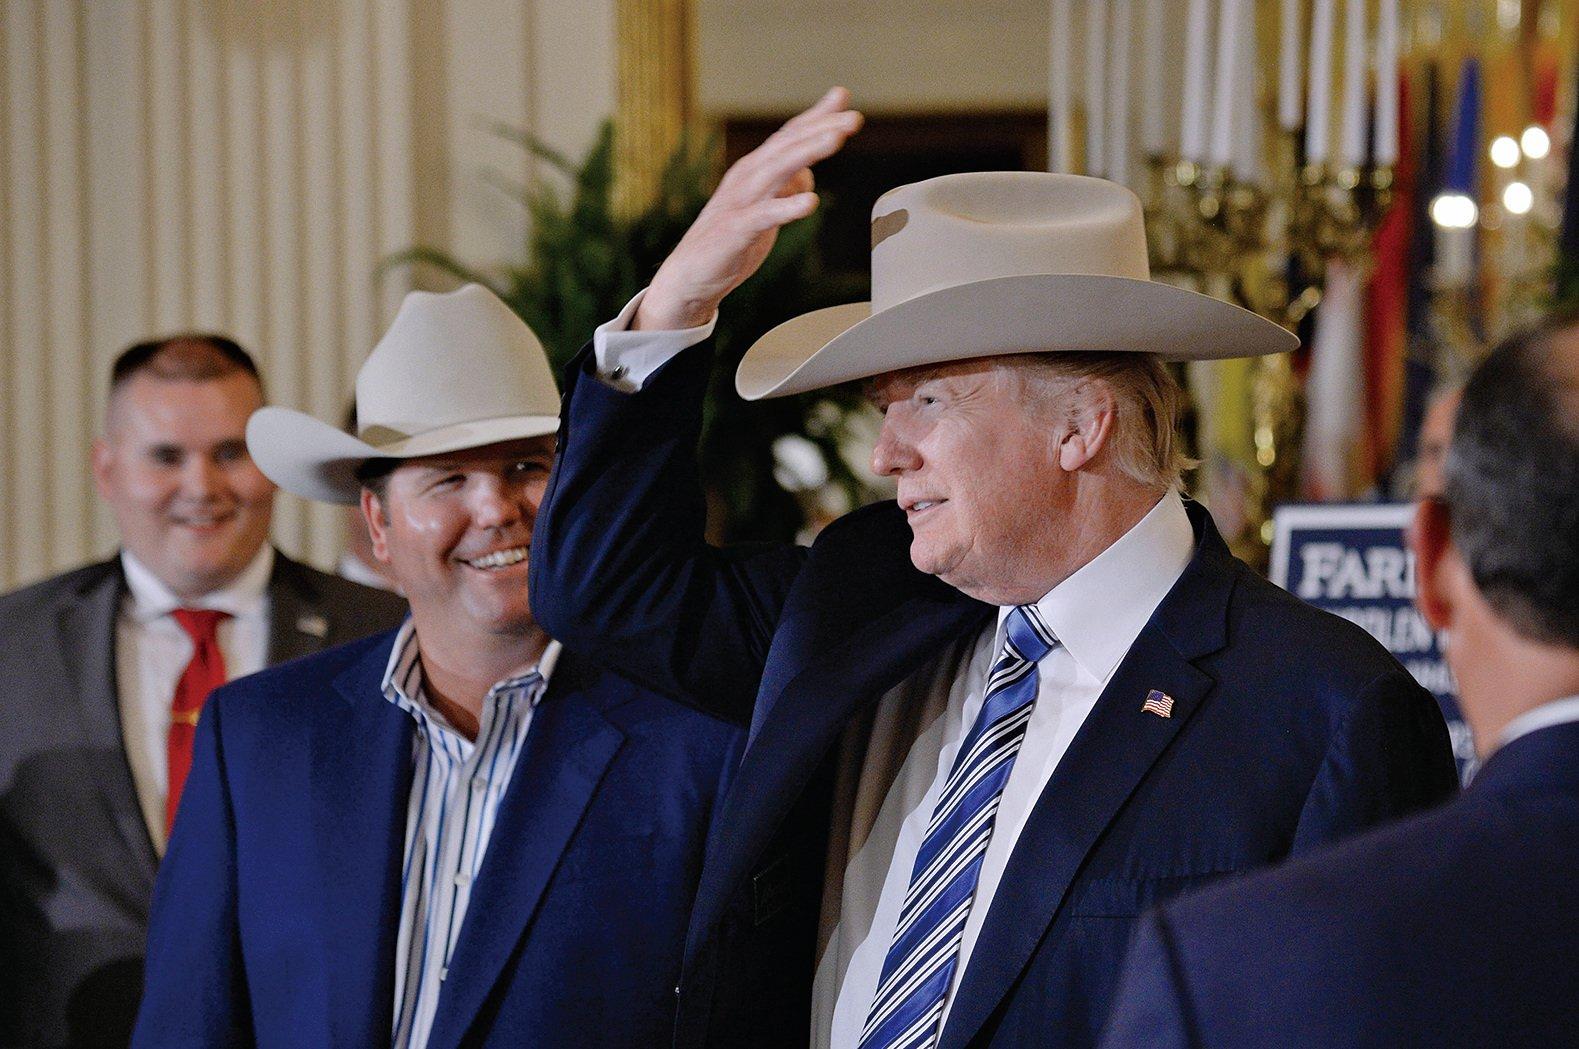 7月17日美國總統特朗普在白宮出席美國製造周活動。圖為特朗普頭戴美國產的「斯泰森帽」與廠商交談。(AFP)